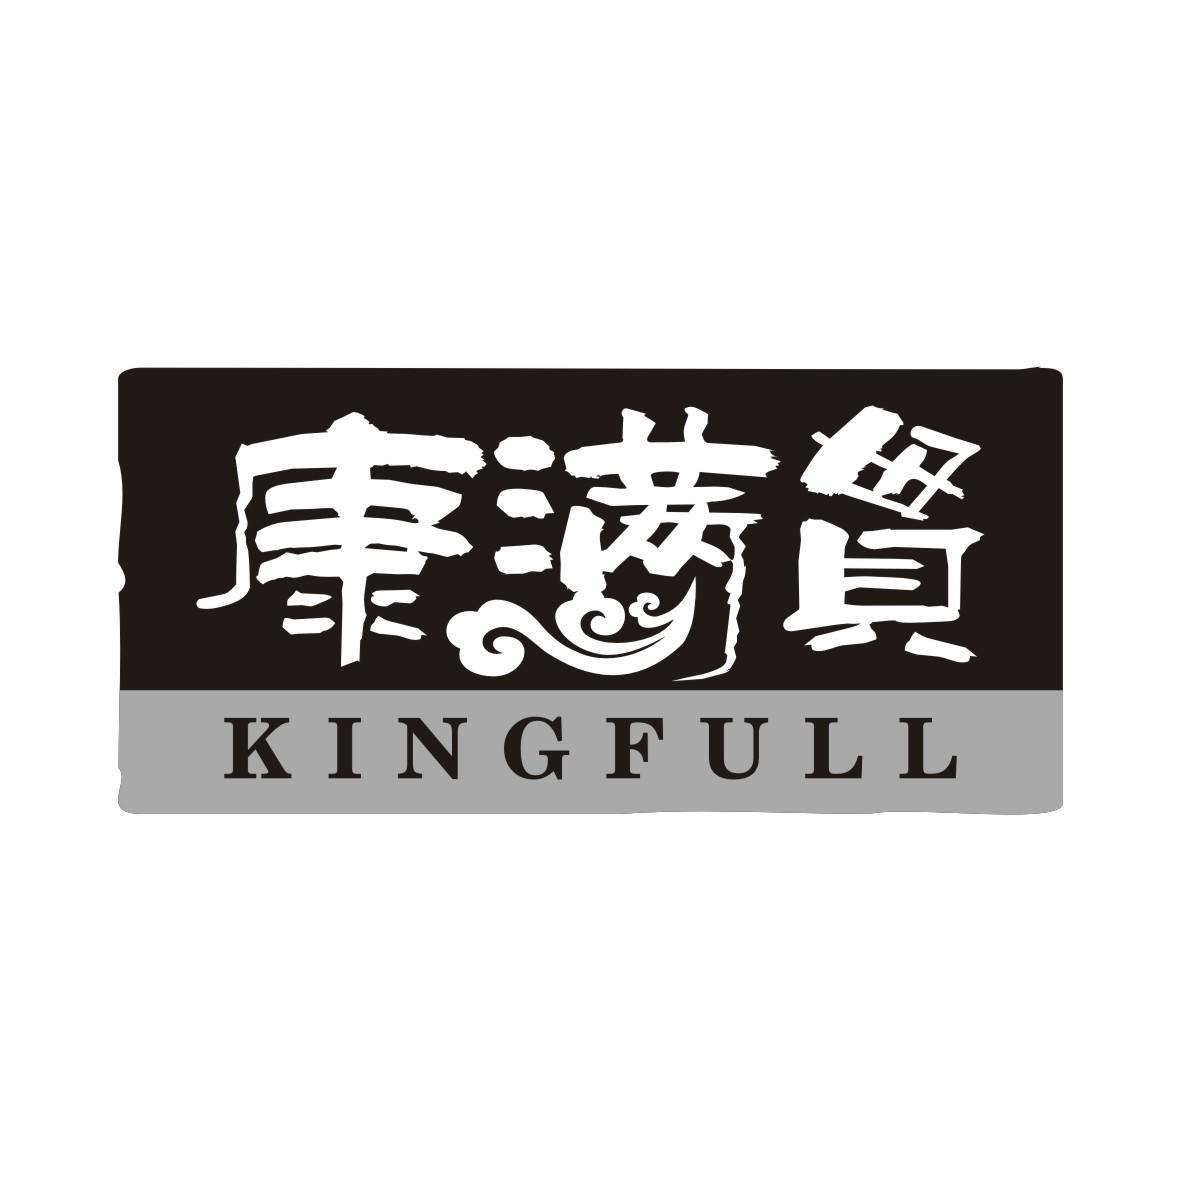 转让外围滚球软件365_365滚球网站下载_365滚球 已经1比0 让球-康满贯  KINGFULL